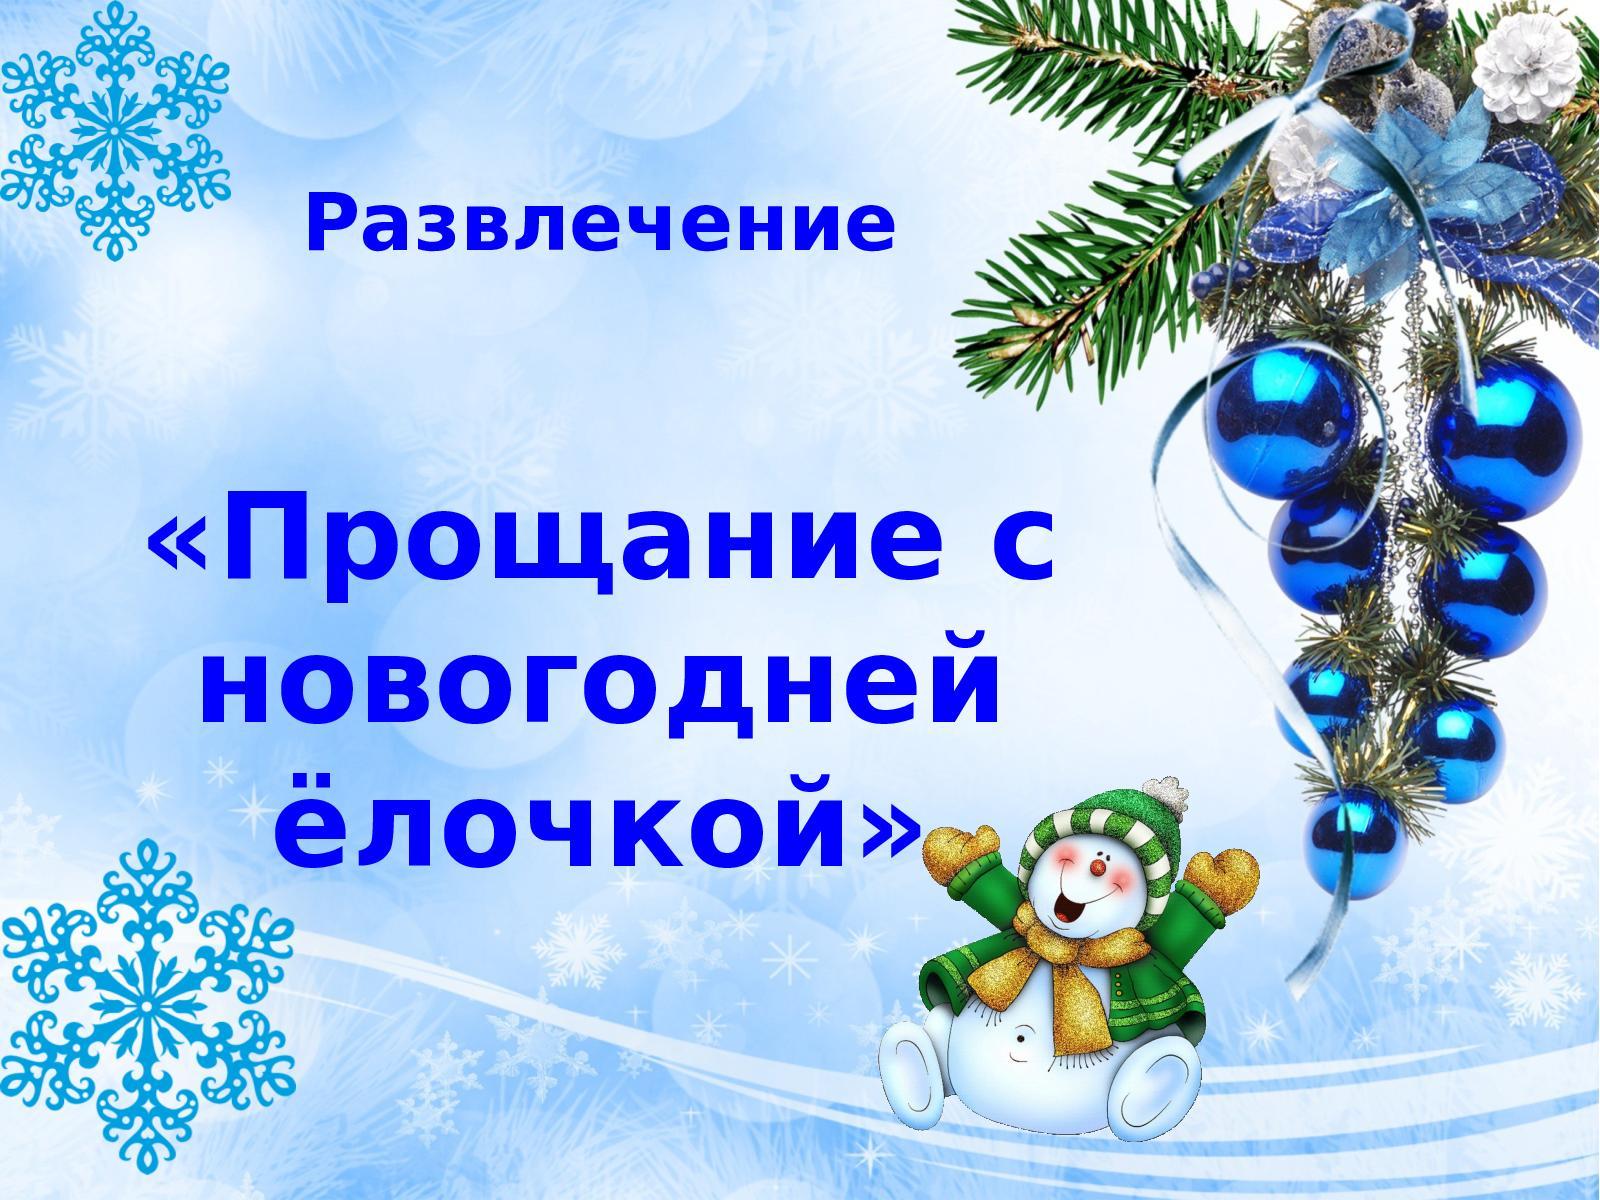 Прощание с новогодней елочкой